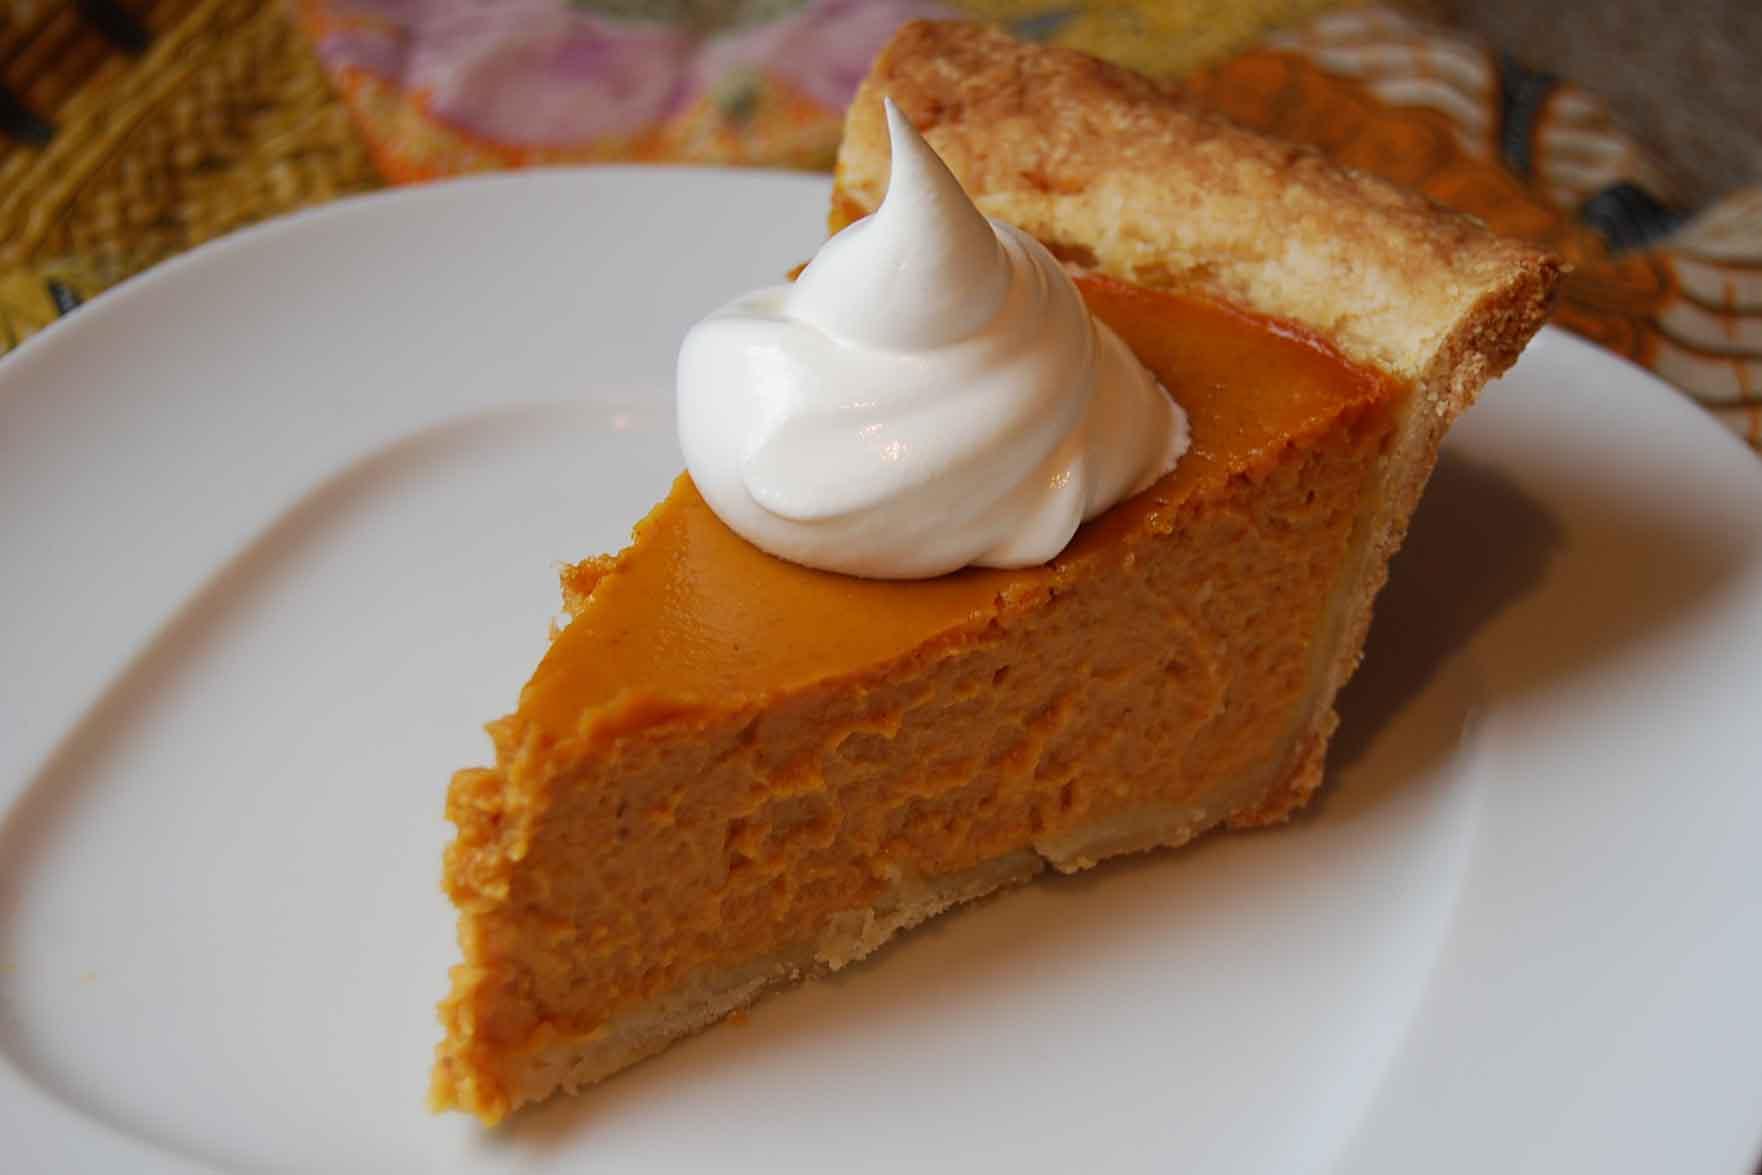 recipe: pumpkin pie with condensed milk vs evaporated milk [29]